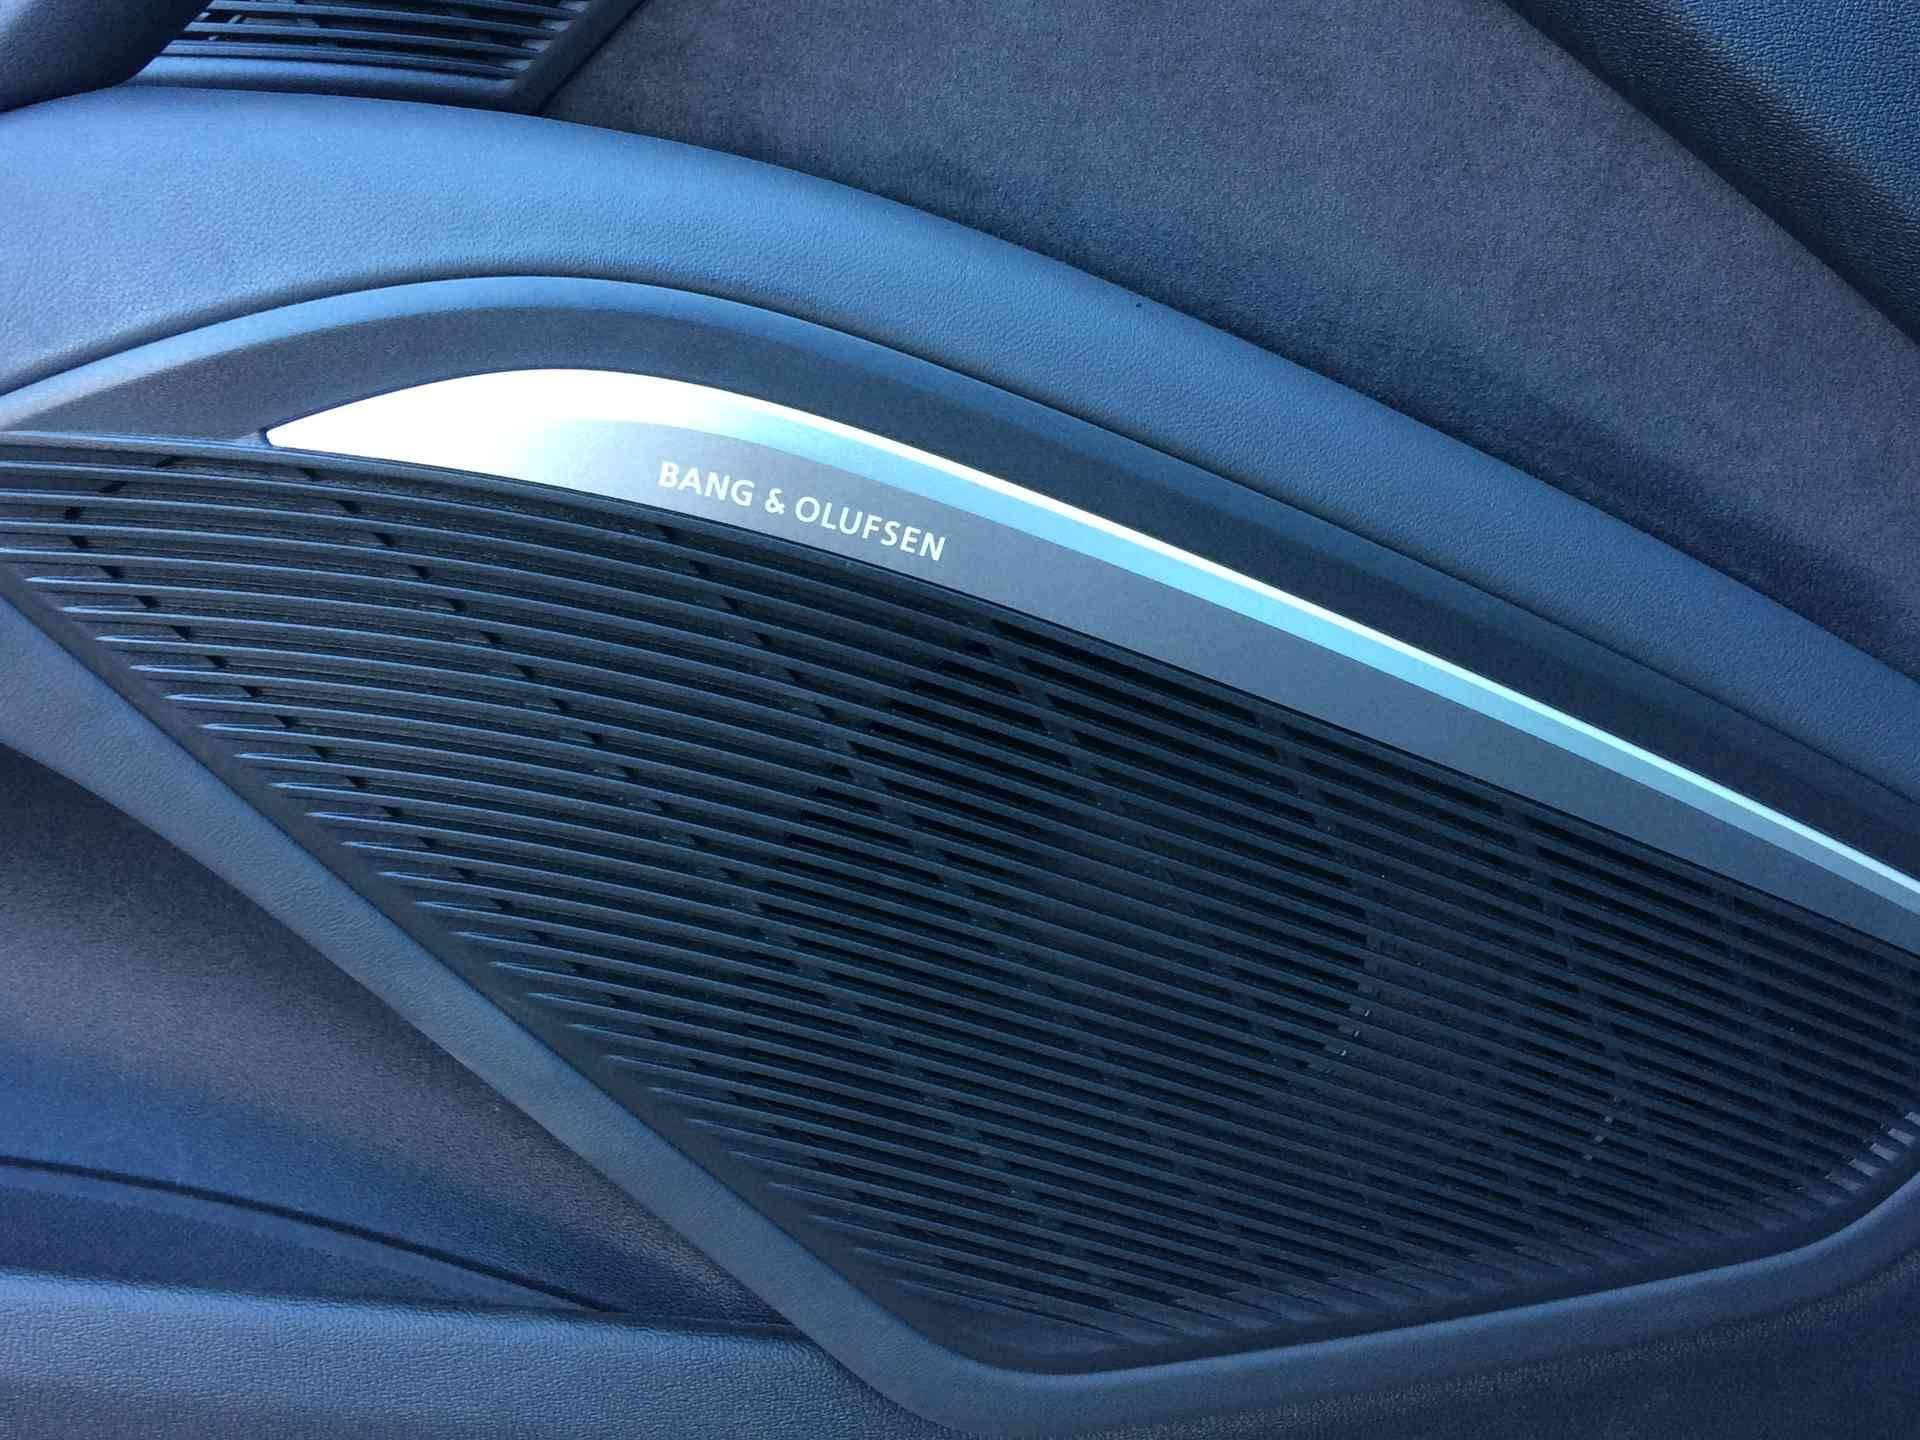 TTS Coupé 2.0 TFSI 310 S tronic 6 Quattro